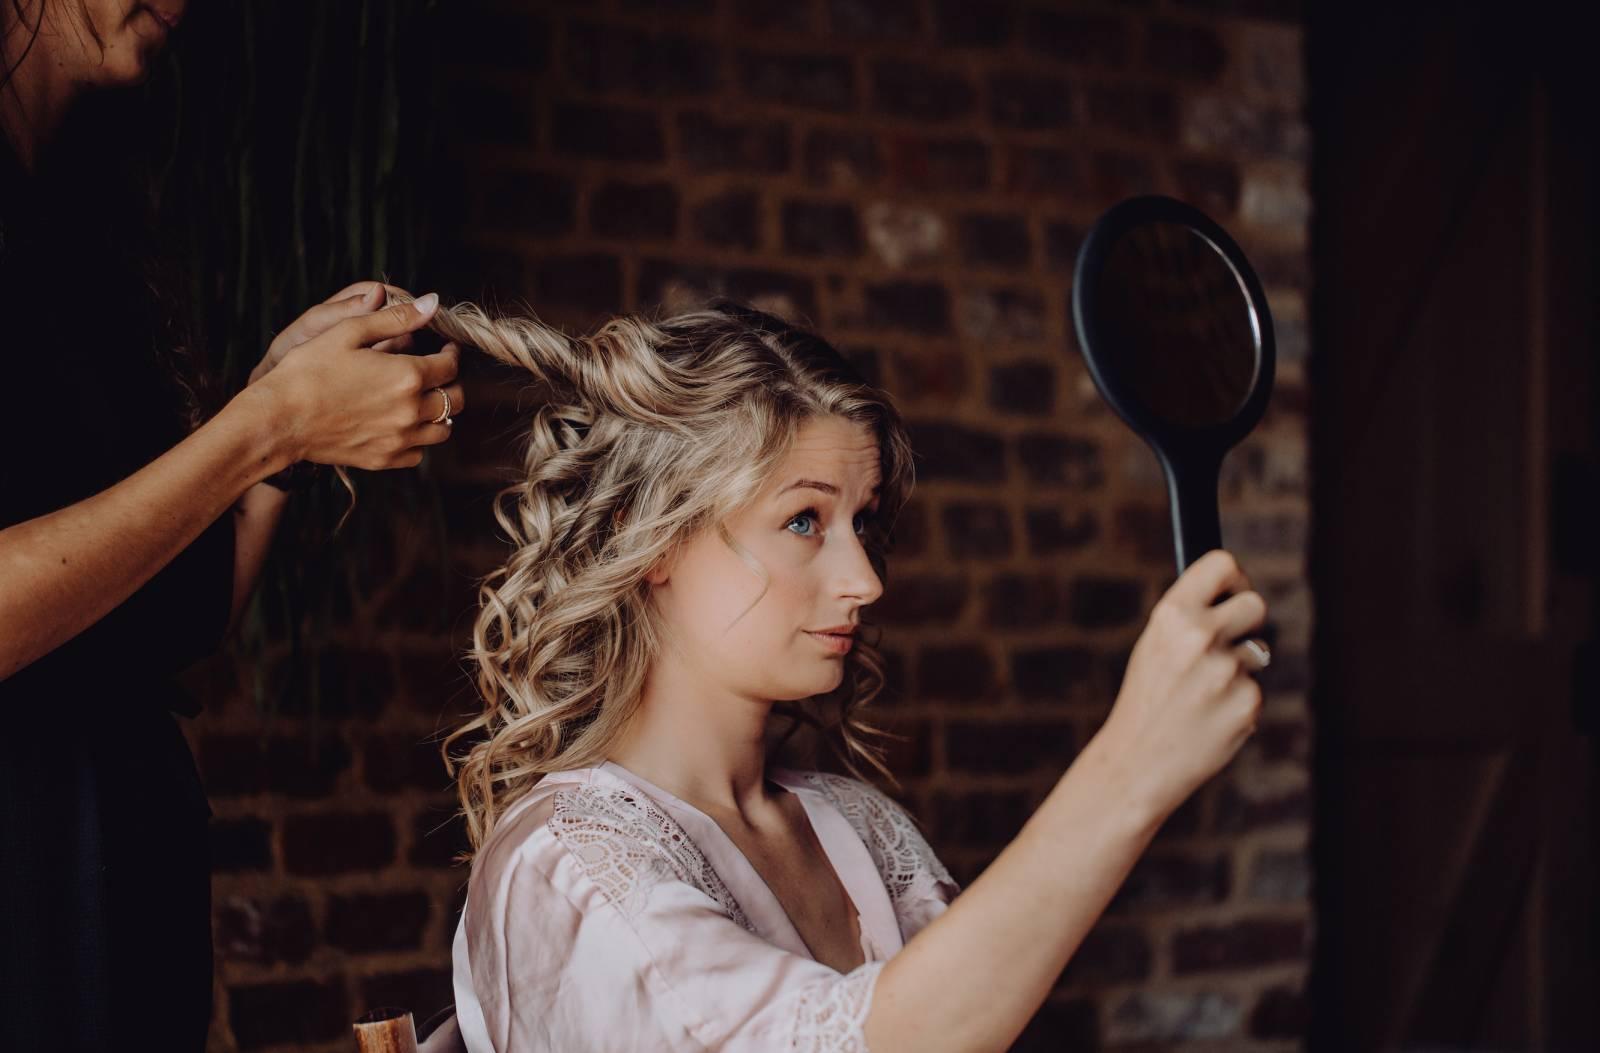 Eline Make-Up & Hair J Foto LUX visual story tellers - House of Weddings (1)